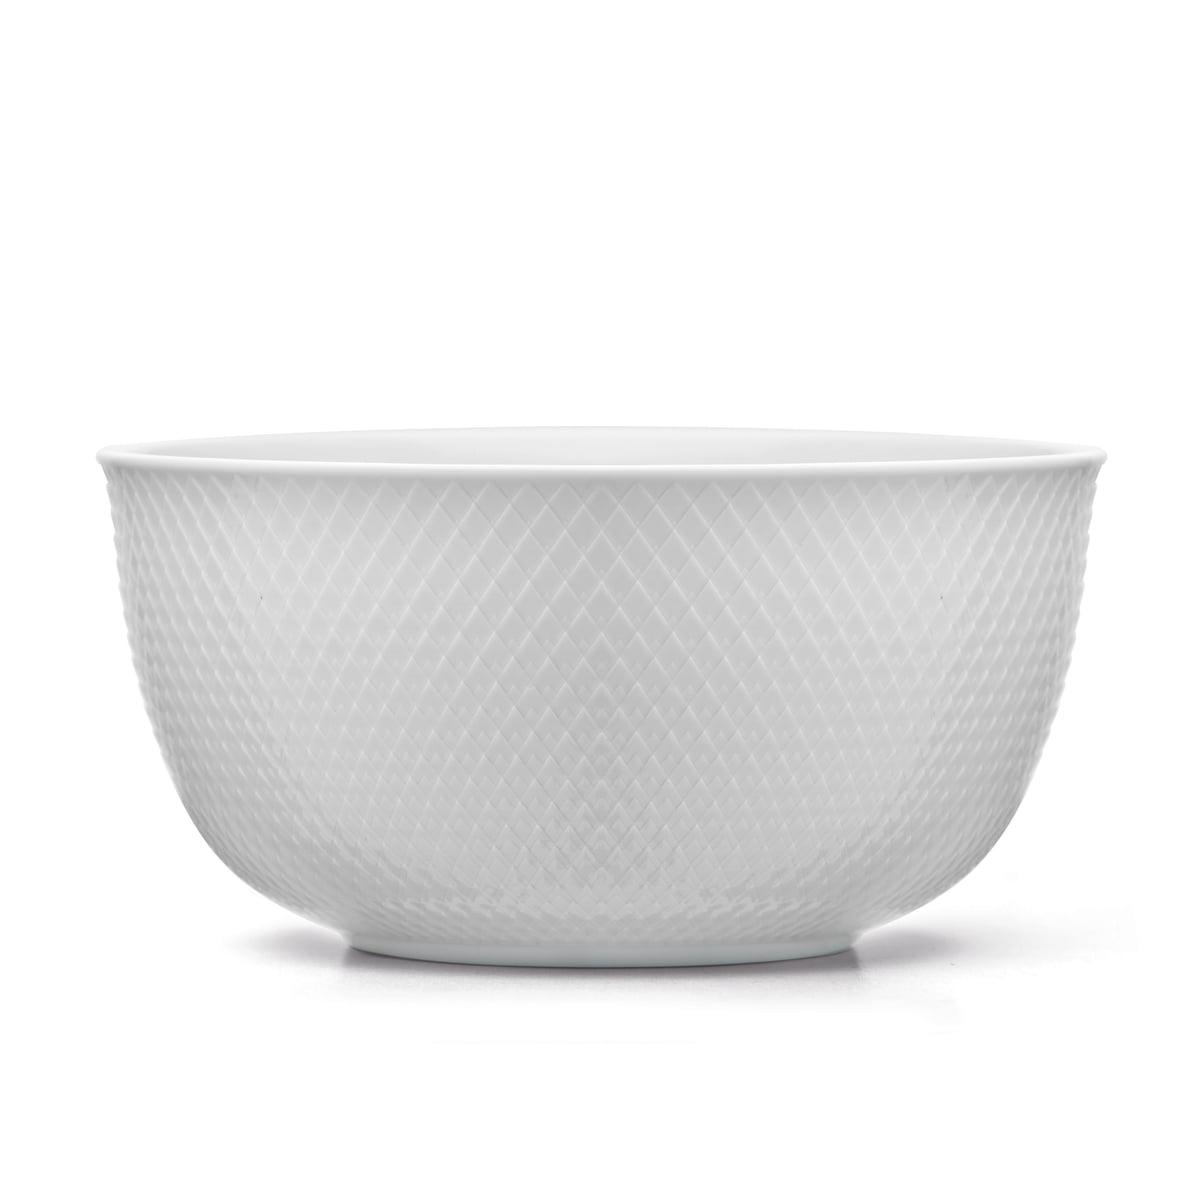 Lyngby porcelan rhombe schale 22cm weiss frei